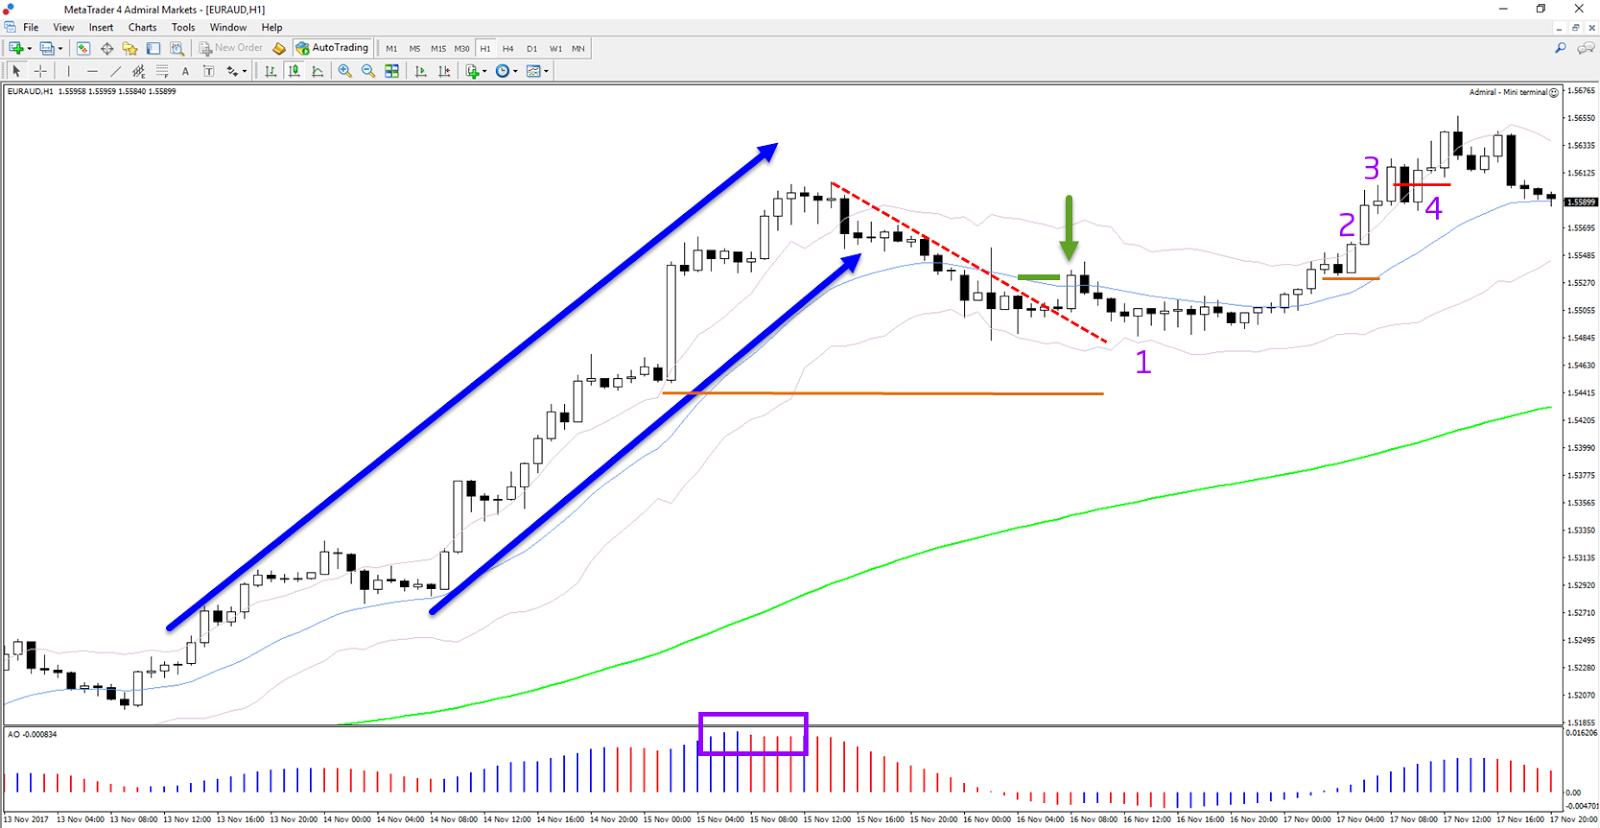 trenddel kereskedni trendvonal lineáris szűrés